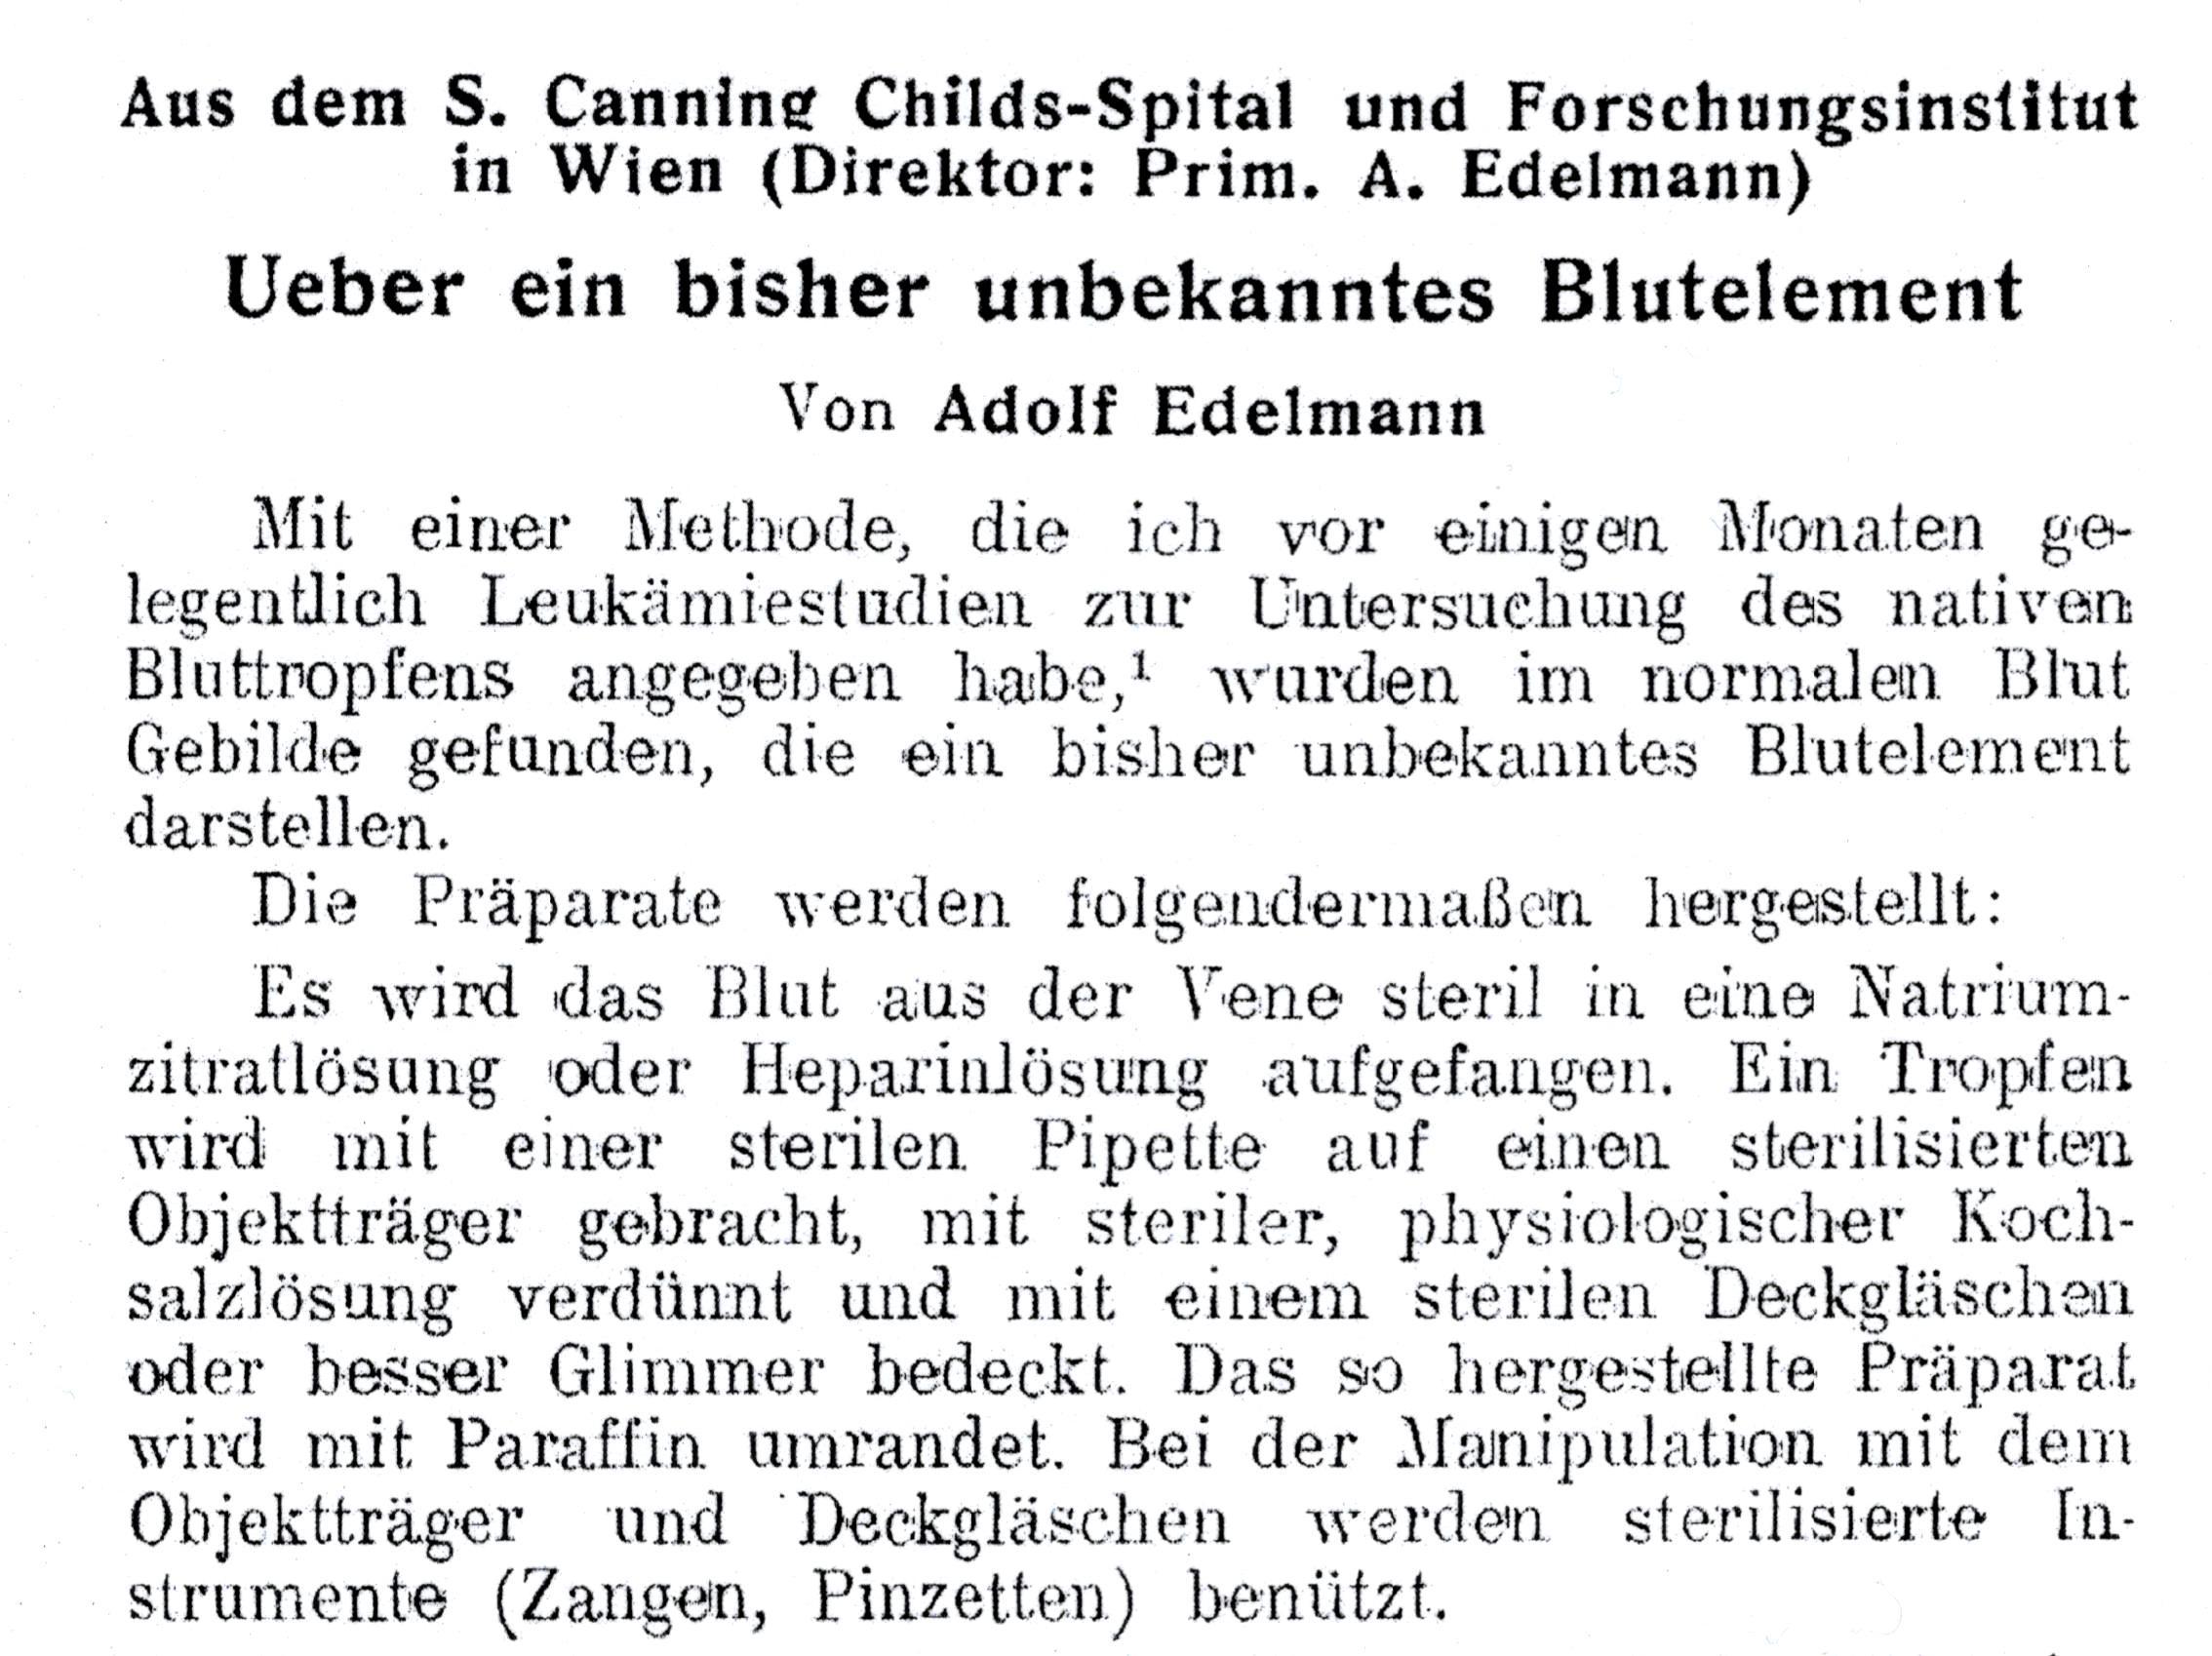 Wiener Klinische Wochenschrift 1931